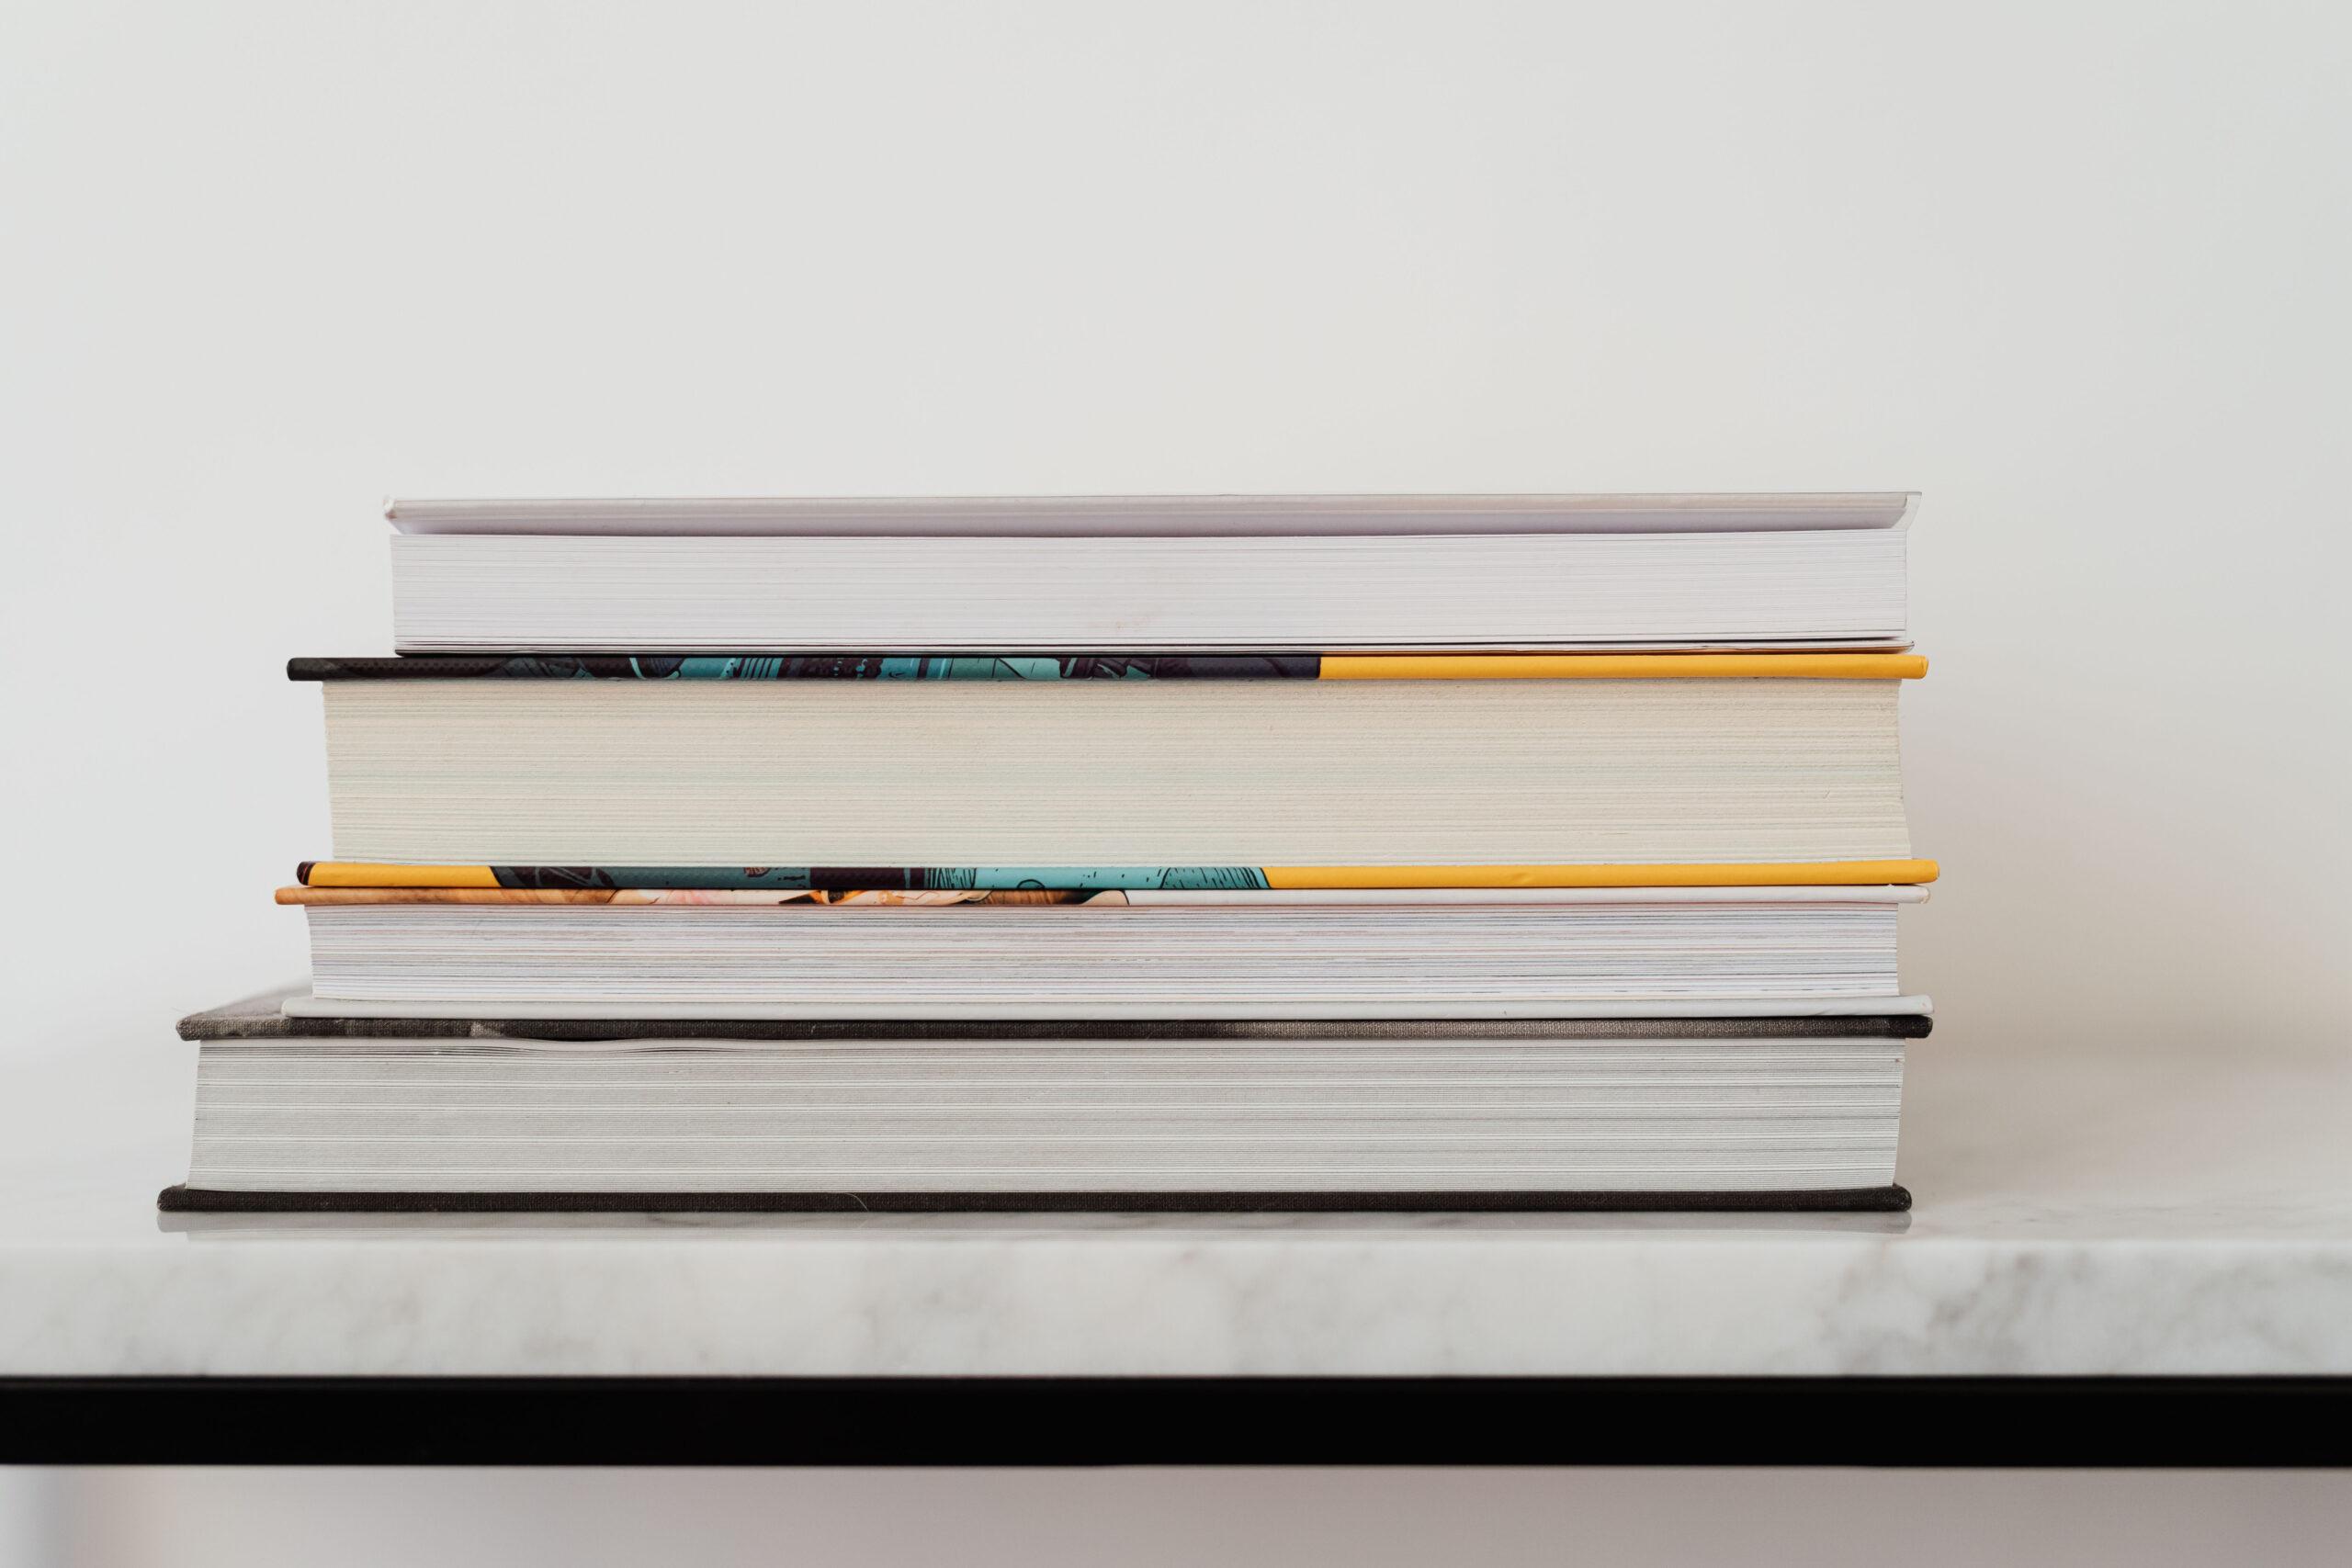 Böcker staplade på ett marmorbord.